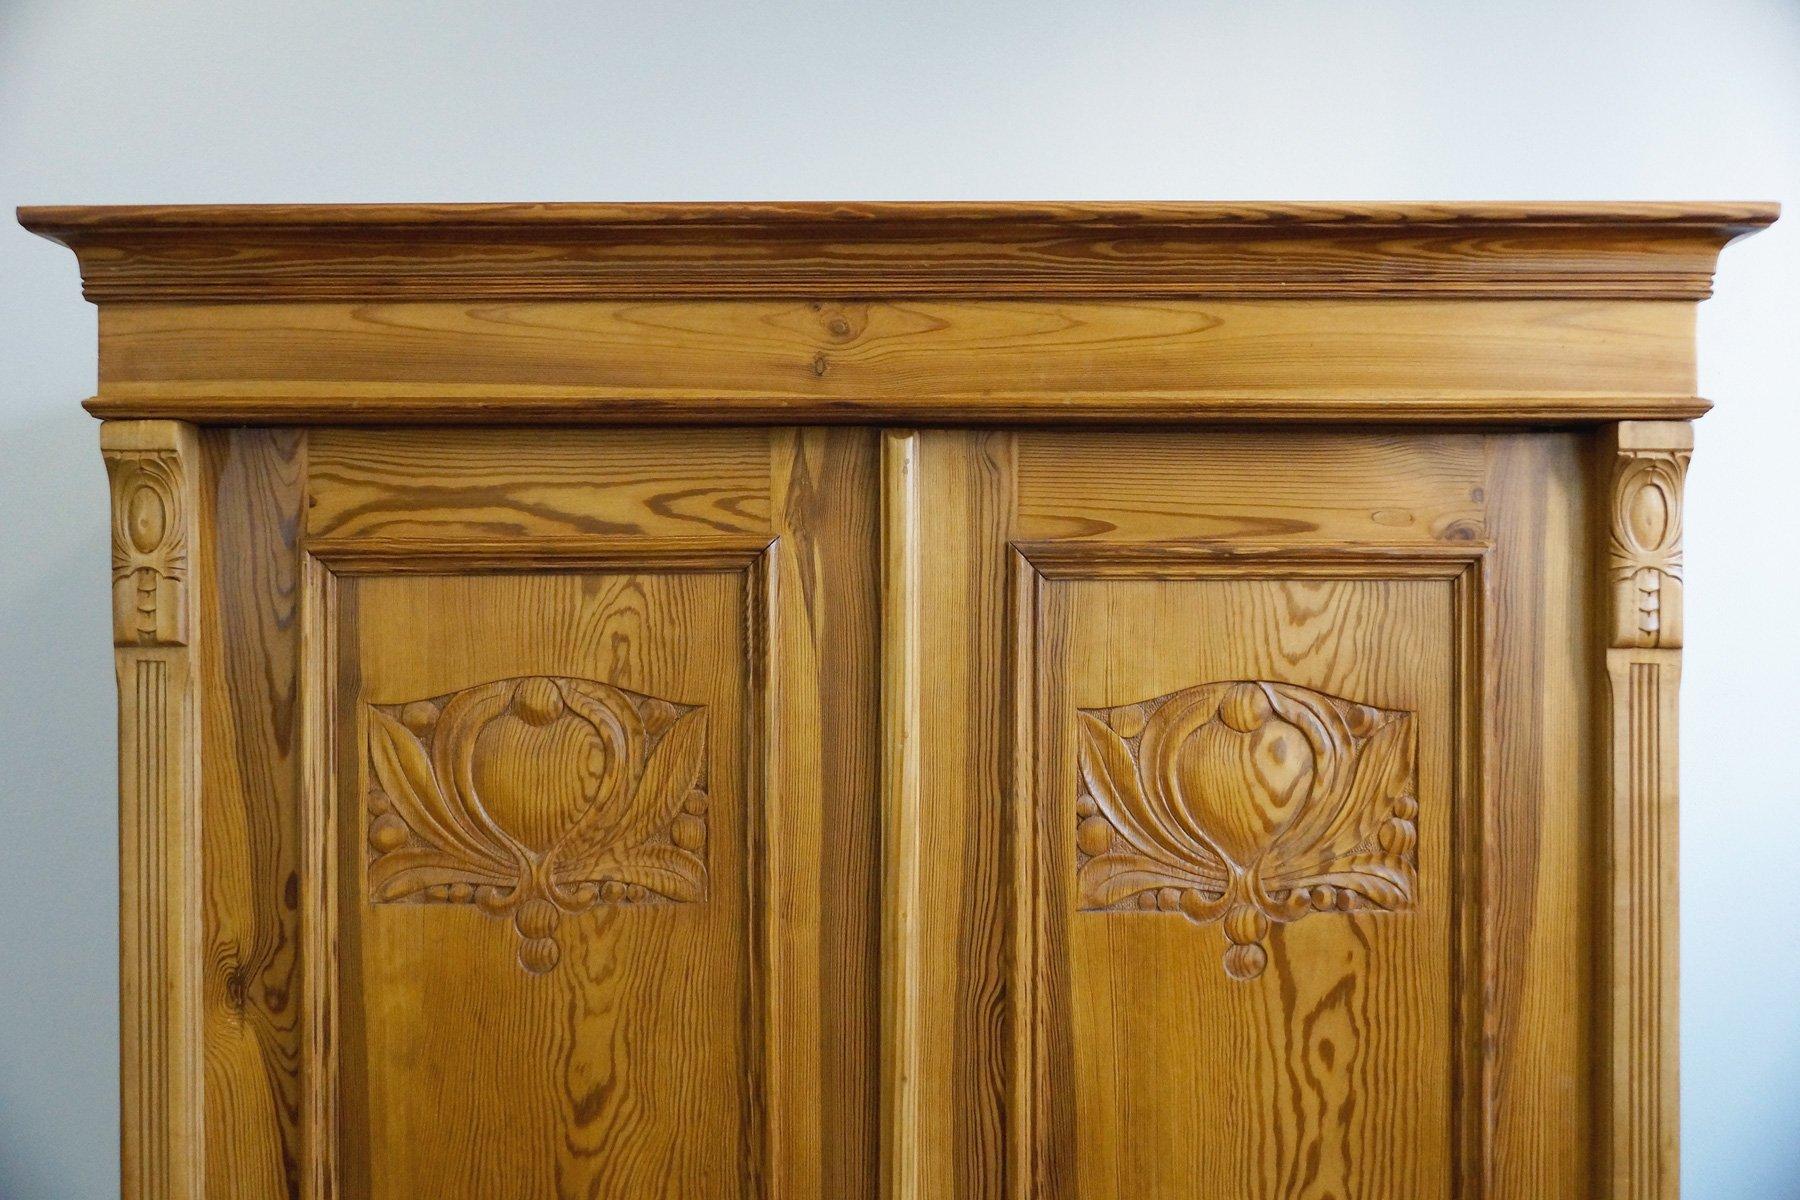 armoire art nouveau antique en vente sur pamono. Black Bedroom Furniture Sets. Home Design Ideas